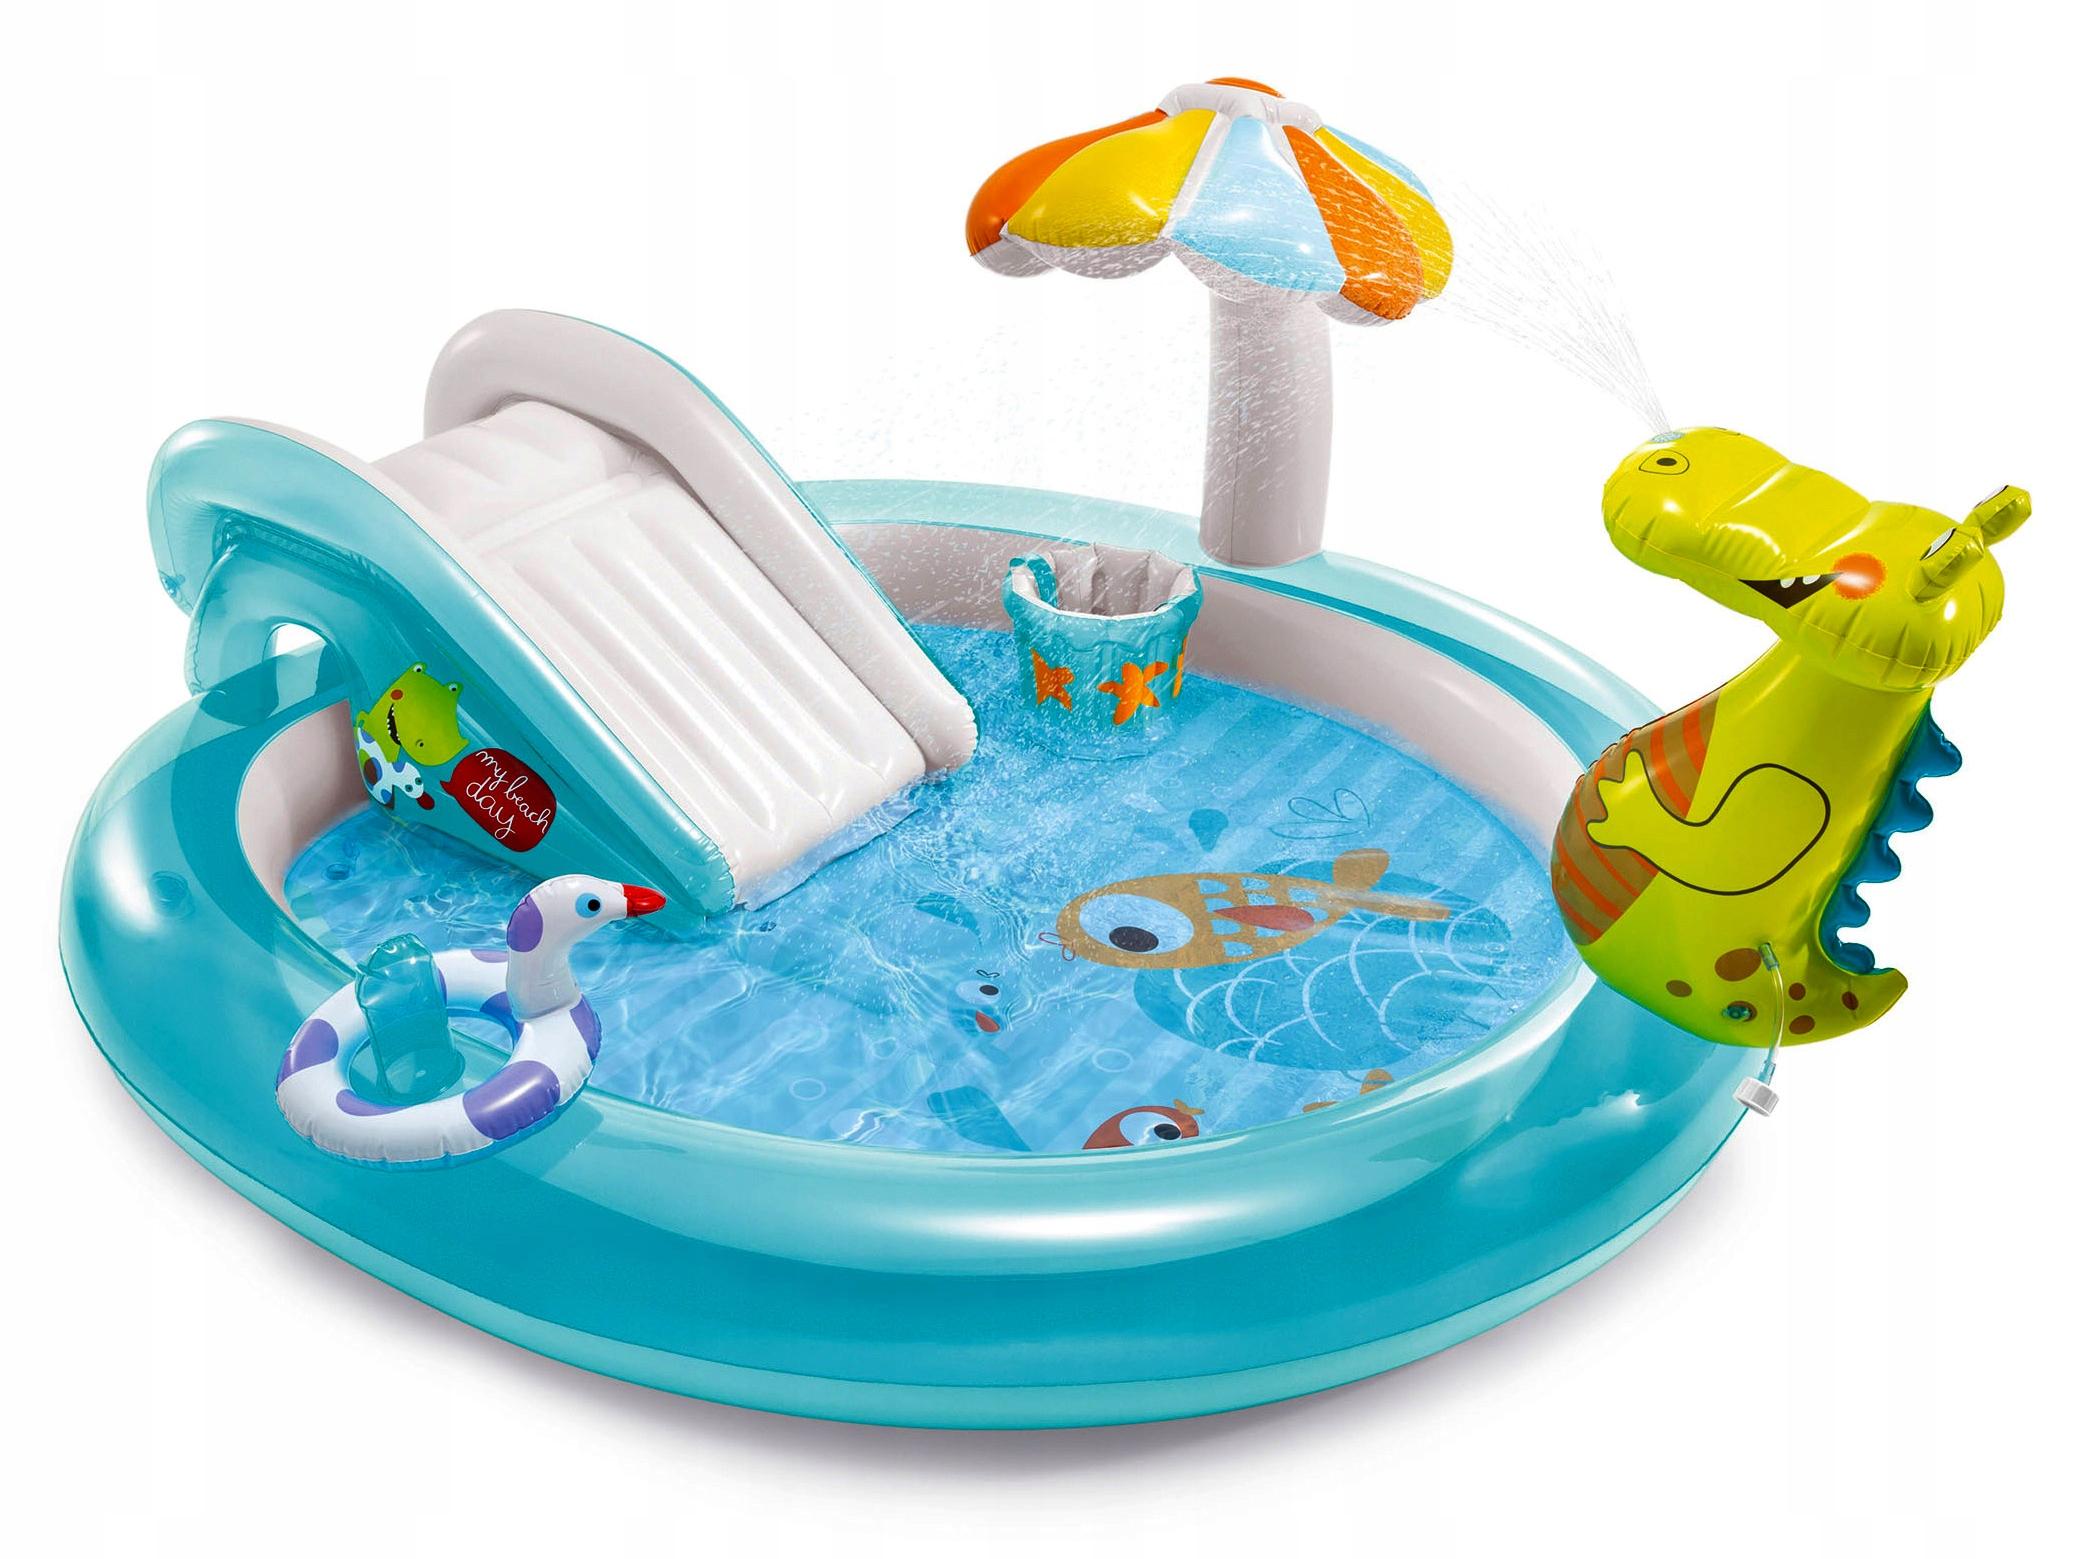 Водная игровая площадка SMOK 201x170x84 INTEX Fountain